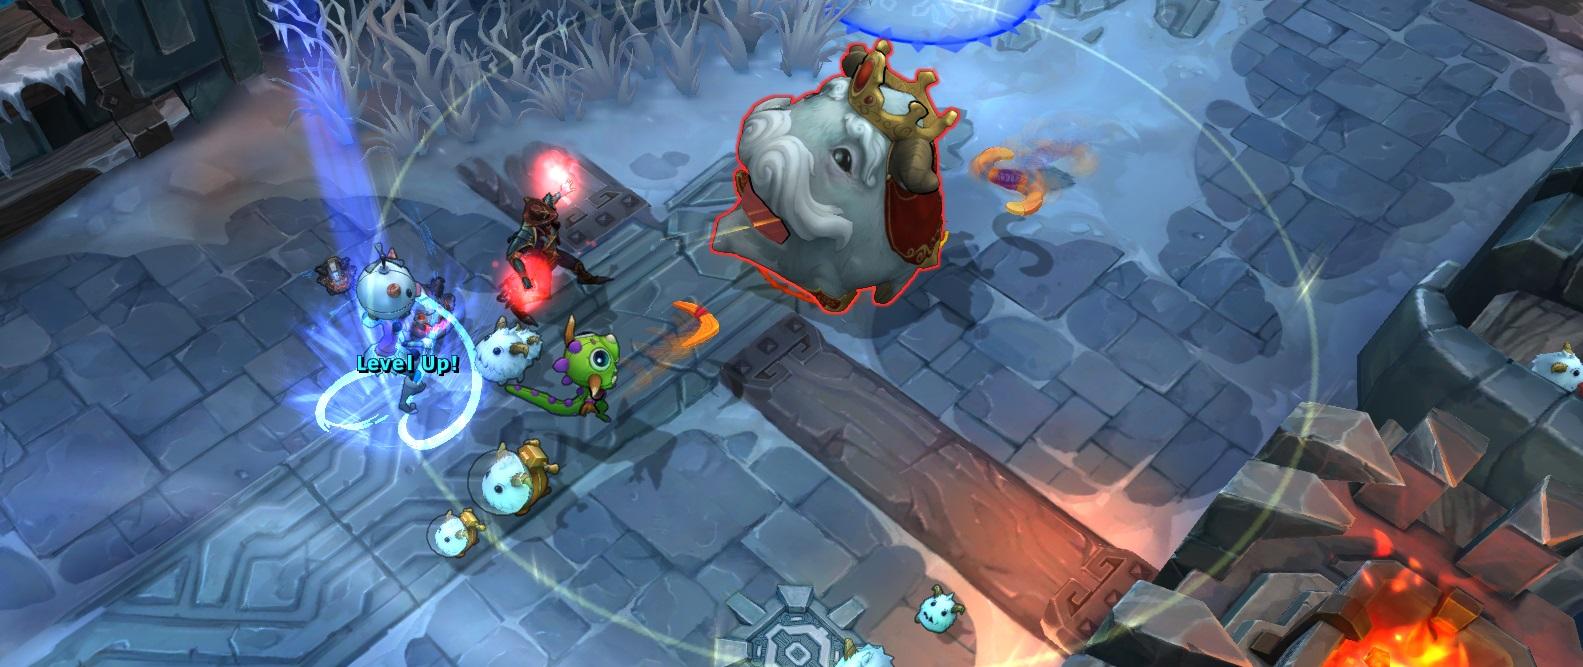 Hình ảnh đầu tiên của chế độ chơi mới Huyền thoại vua Poro